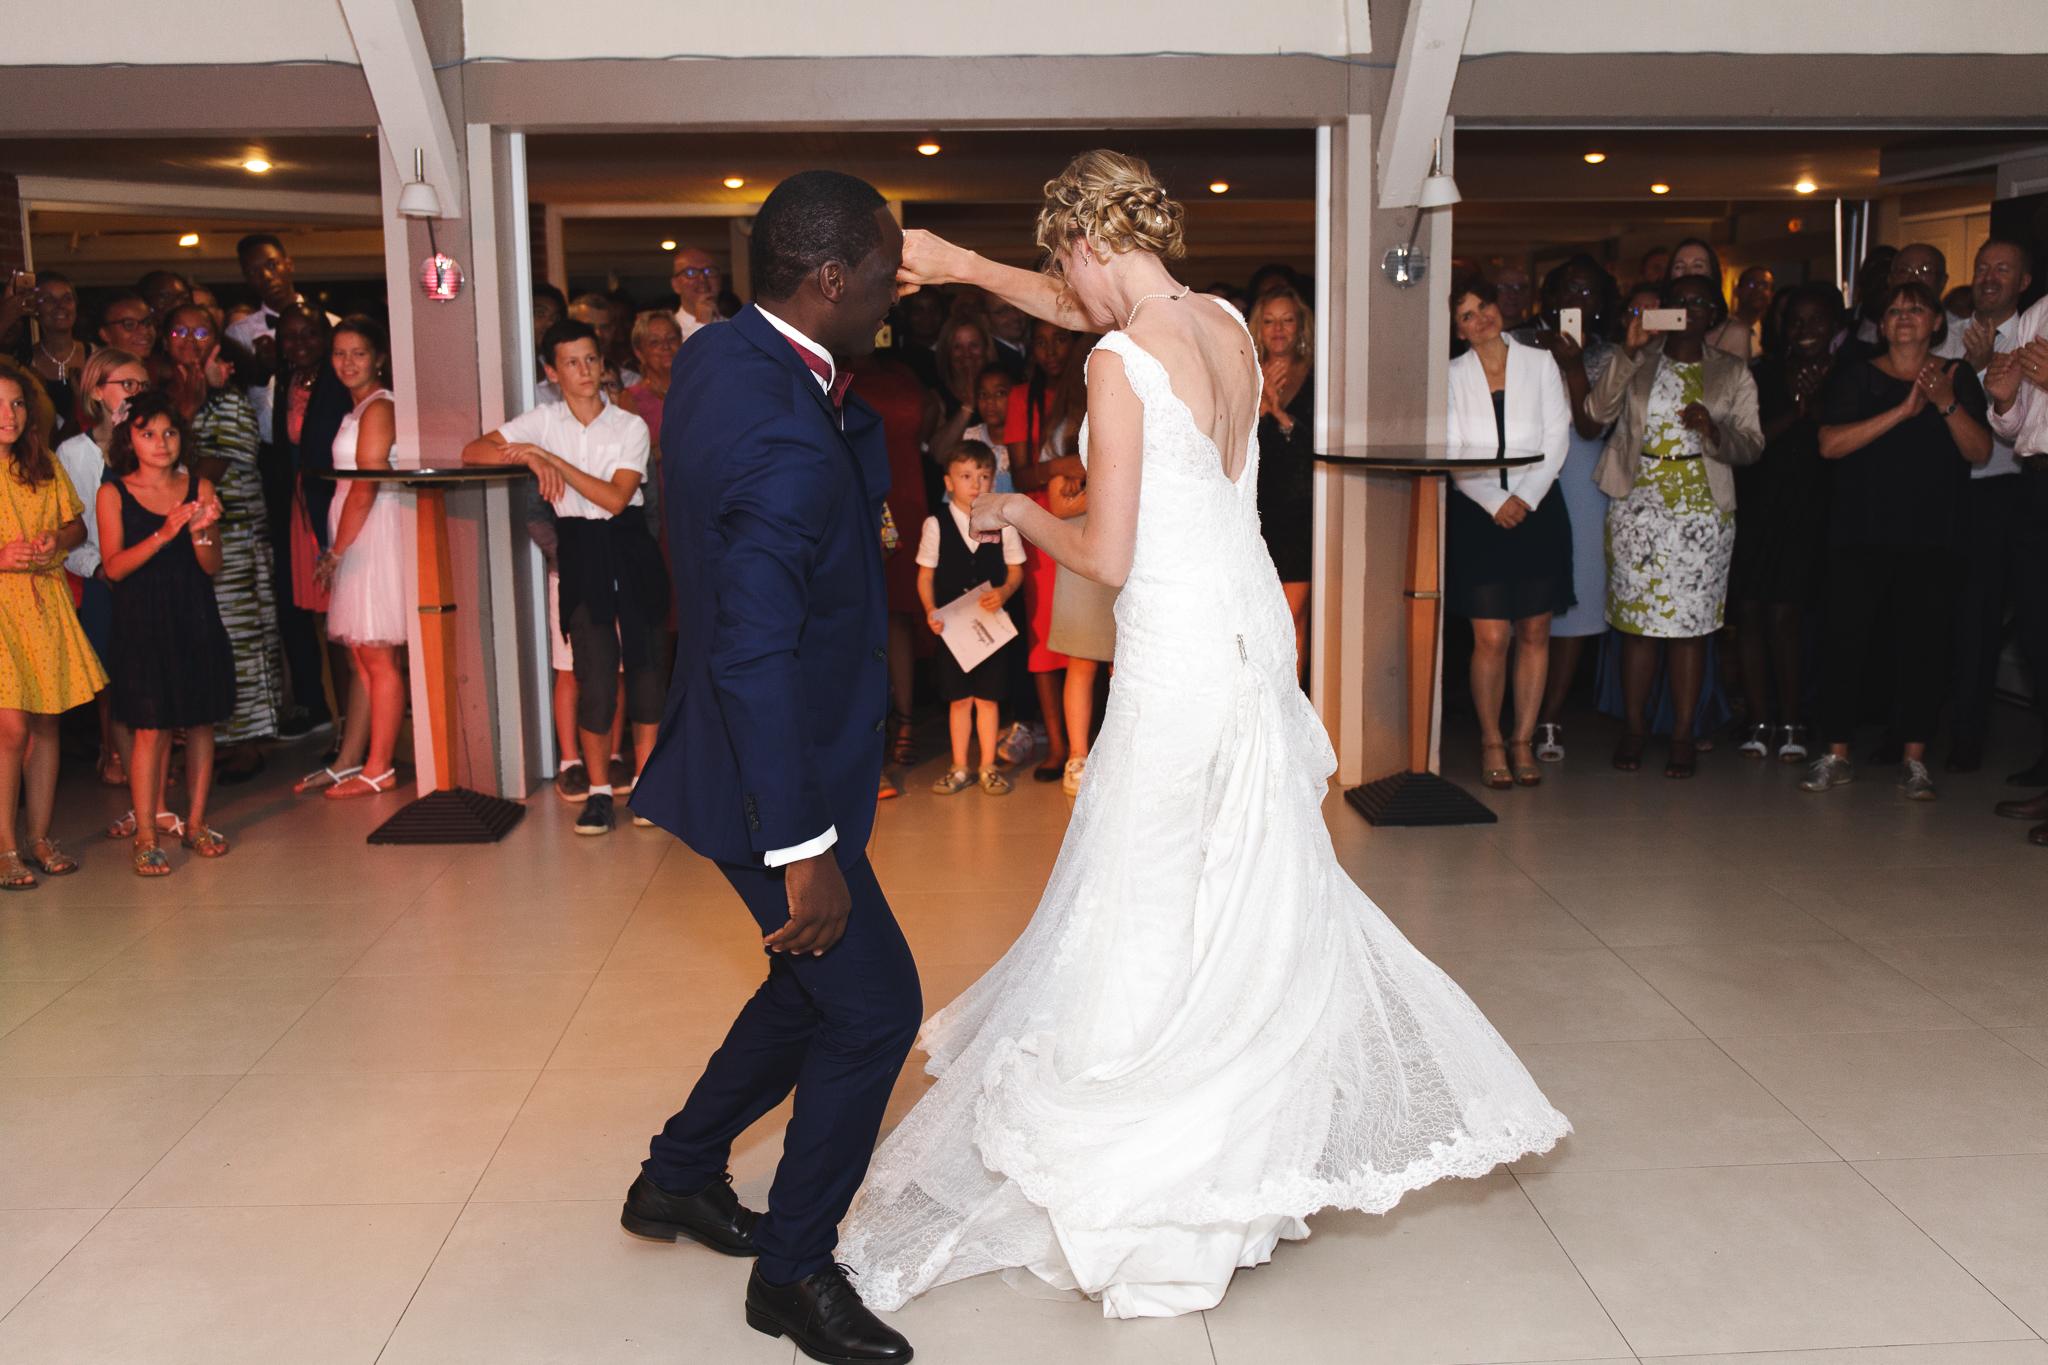 soirée mariage Domaine de la Chanterelle Verlinghem Lille Nord-danse des mariés - reportage photo mariage complet Wambrechies